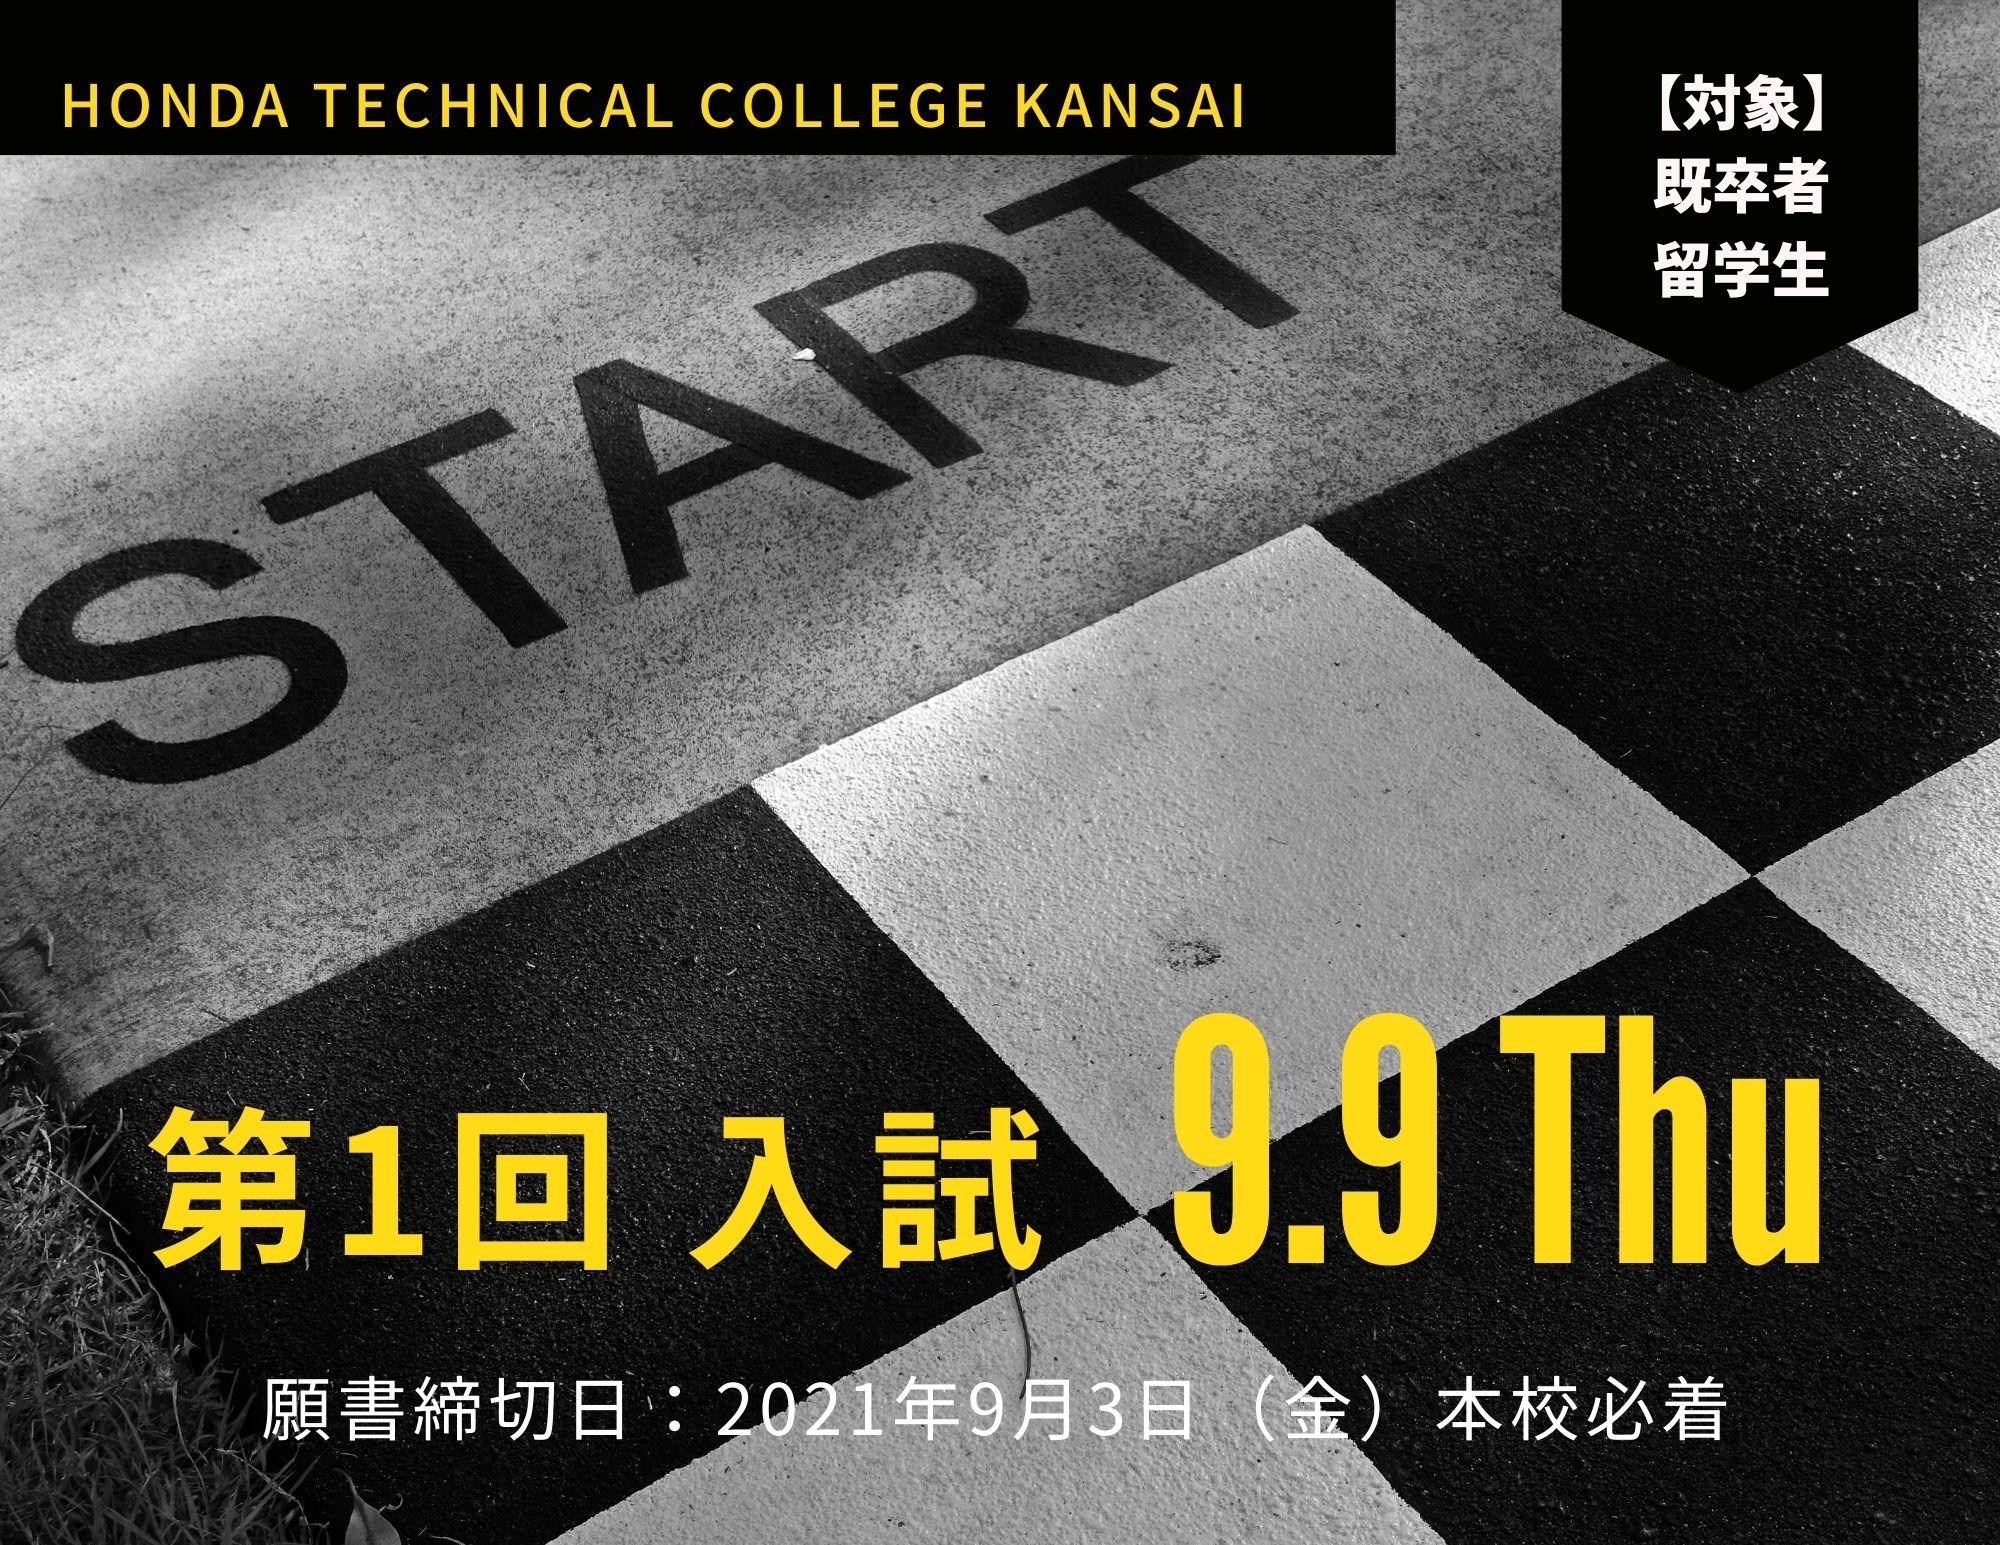 【いよいよ来週!】第一回入試9月9日(木)